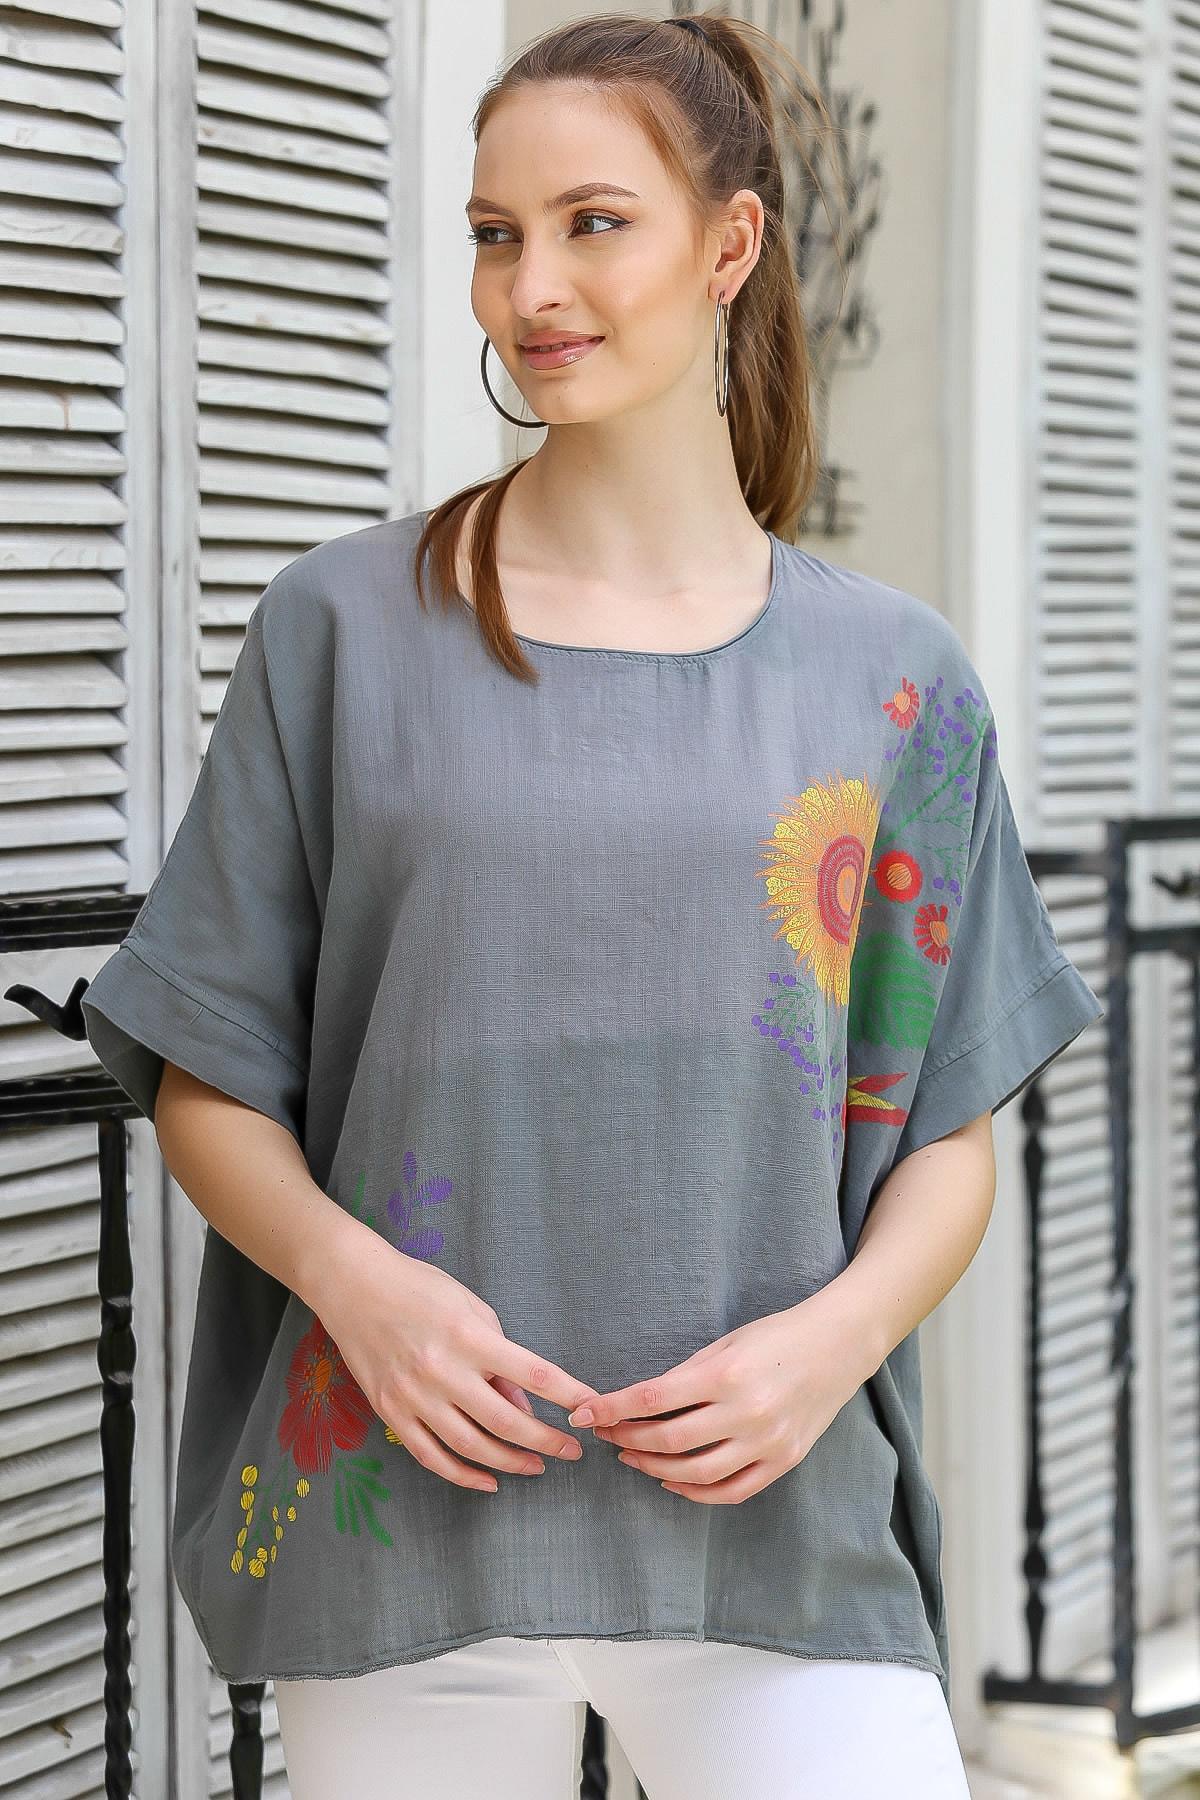 Chiccy Kadın Füme Sıfır Yaka Günebakan Çiçek Desenli Salaş Dokuma Bluz M10010200BL95412 1